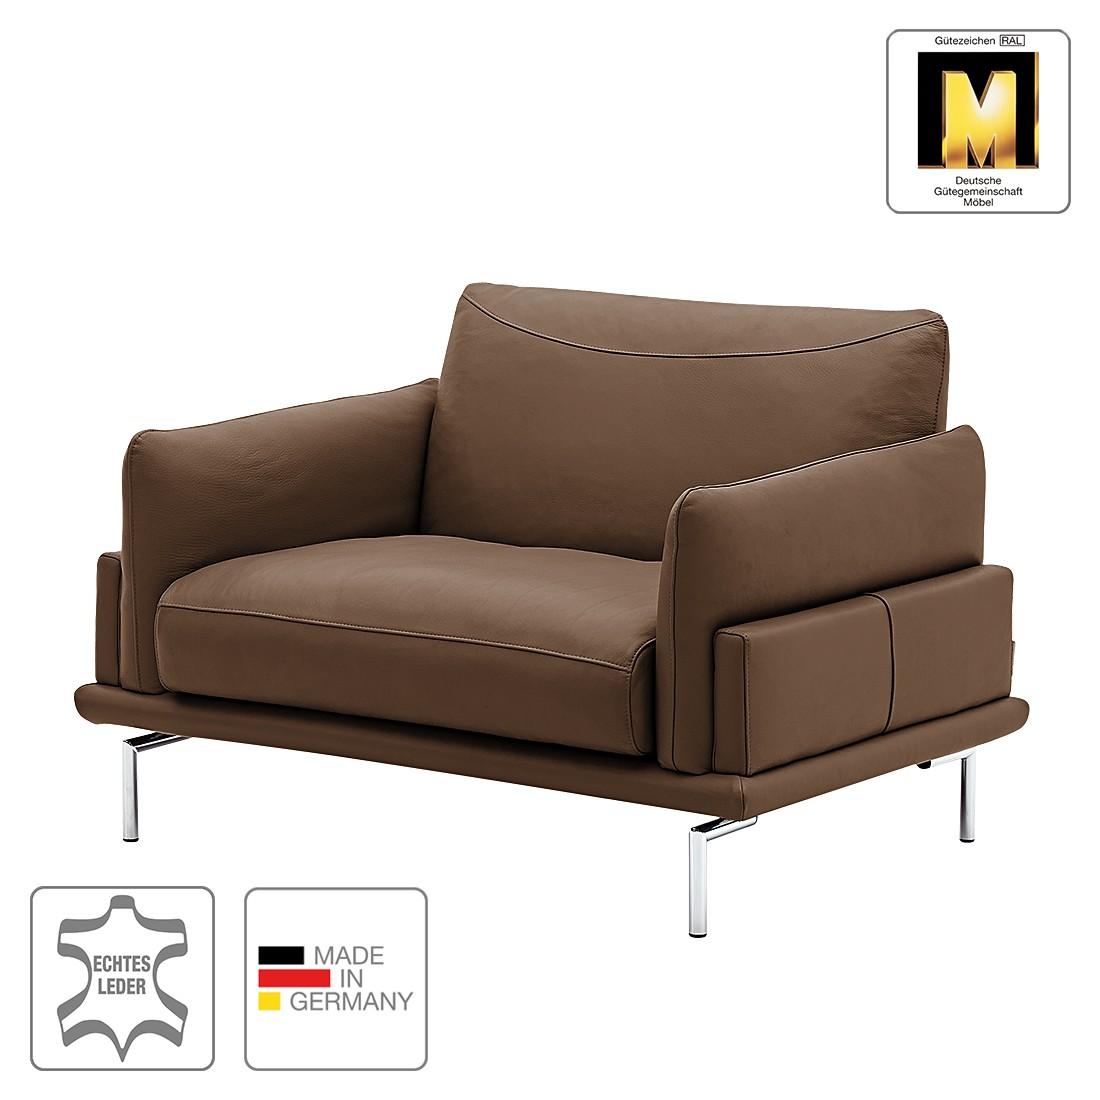 Home 24 - Fauteuil seattle - cuir véritable - marron foncé, machalke polsterwerkstätten